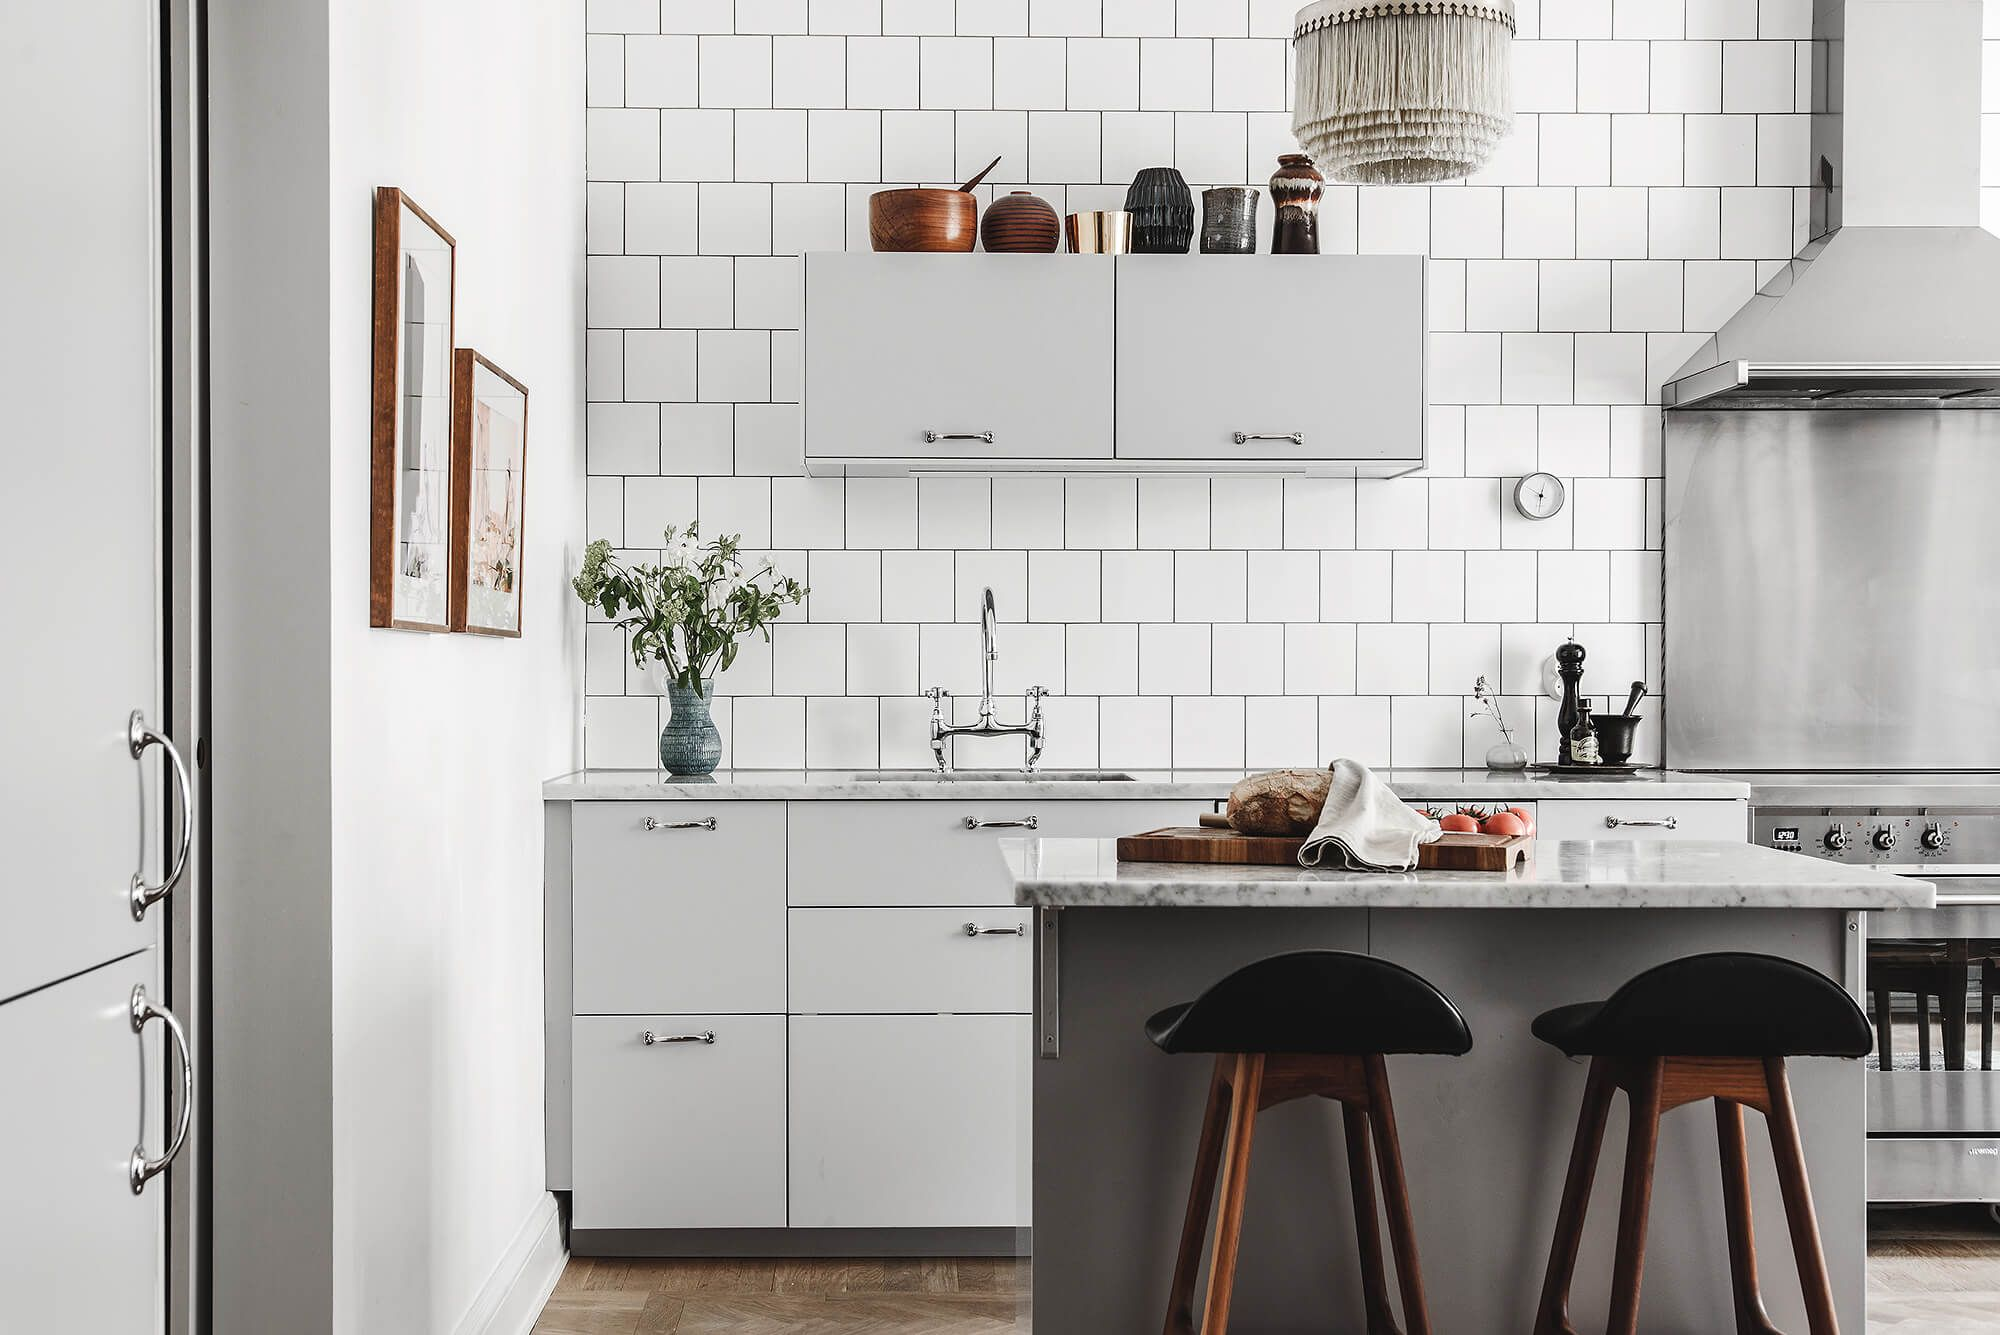 Cozinha escandinava utilizando vários materiais diferentes, azulejo, mármore, madeira, metal, tudo em tons claros pontuados com o preto das banquetas,